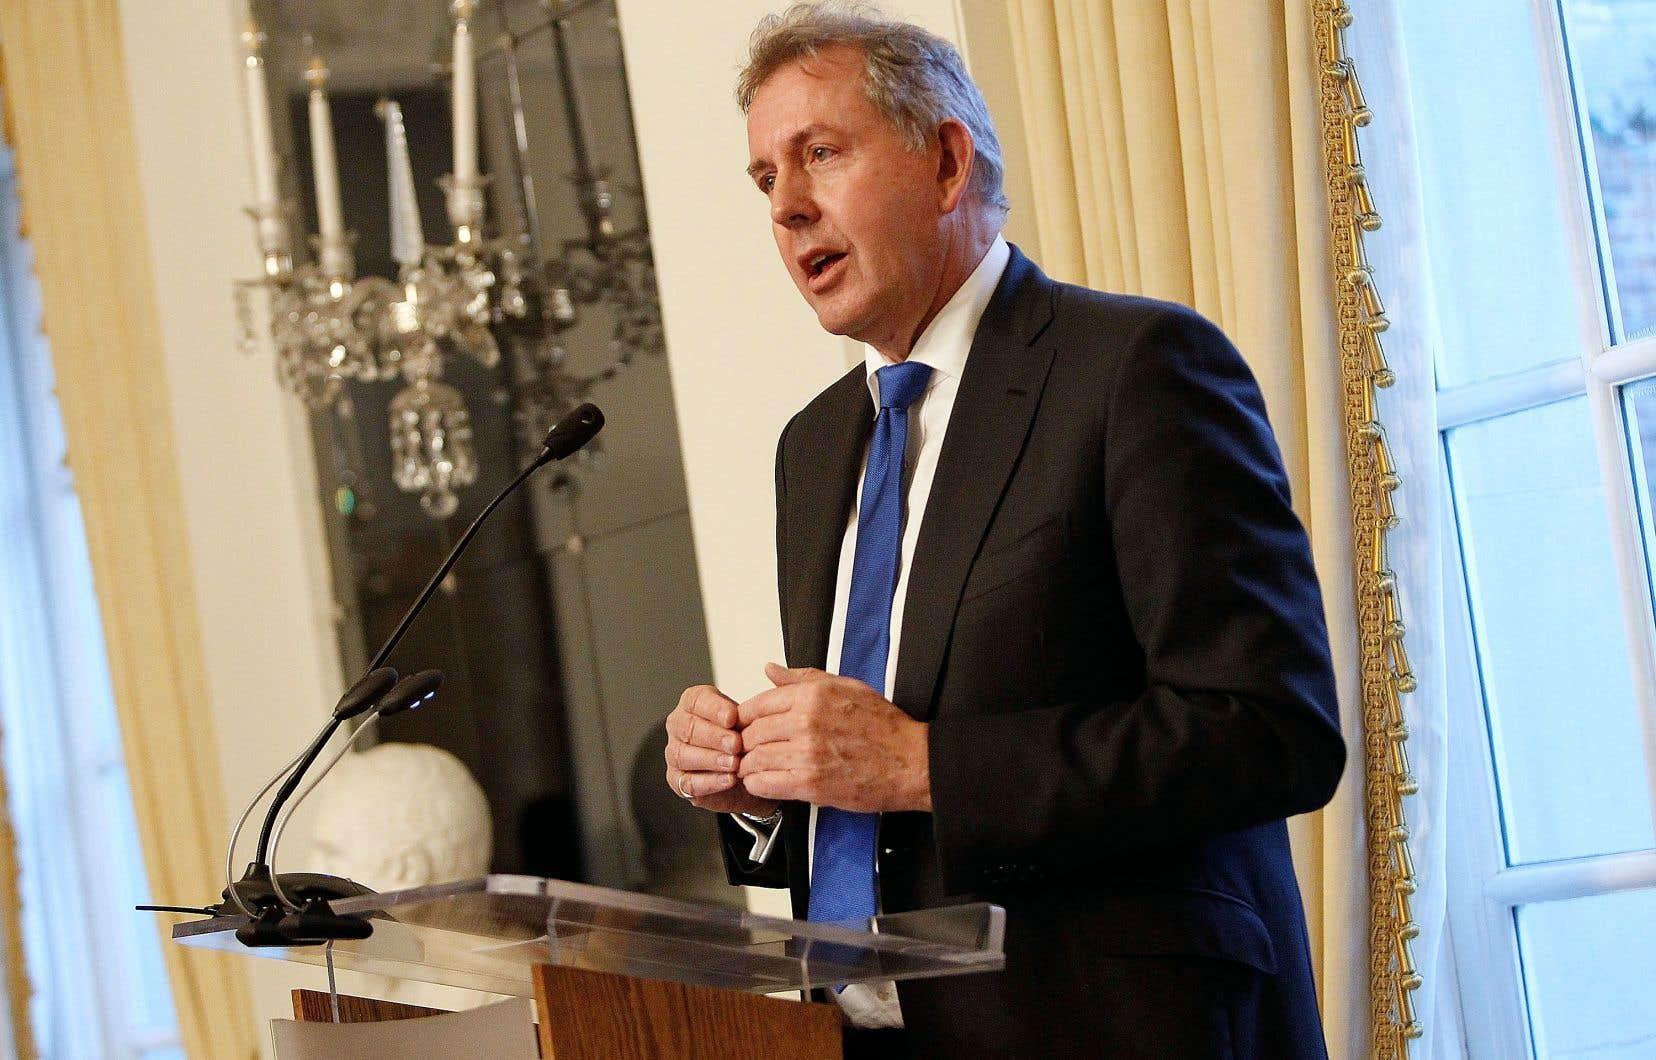 L'ambassadeur du Royaume-Uni aux États-Unis Kim Darroch a dû démissionner mercredi après que des câbles diplomatiques confidentielsau sujet du gouvernement Trump eurent fuité dans les médias.